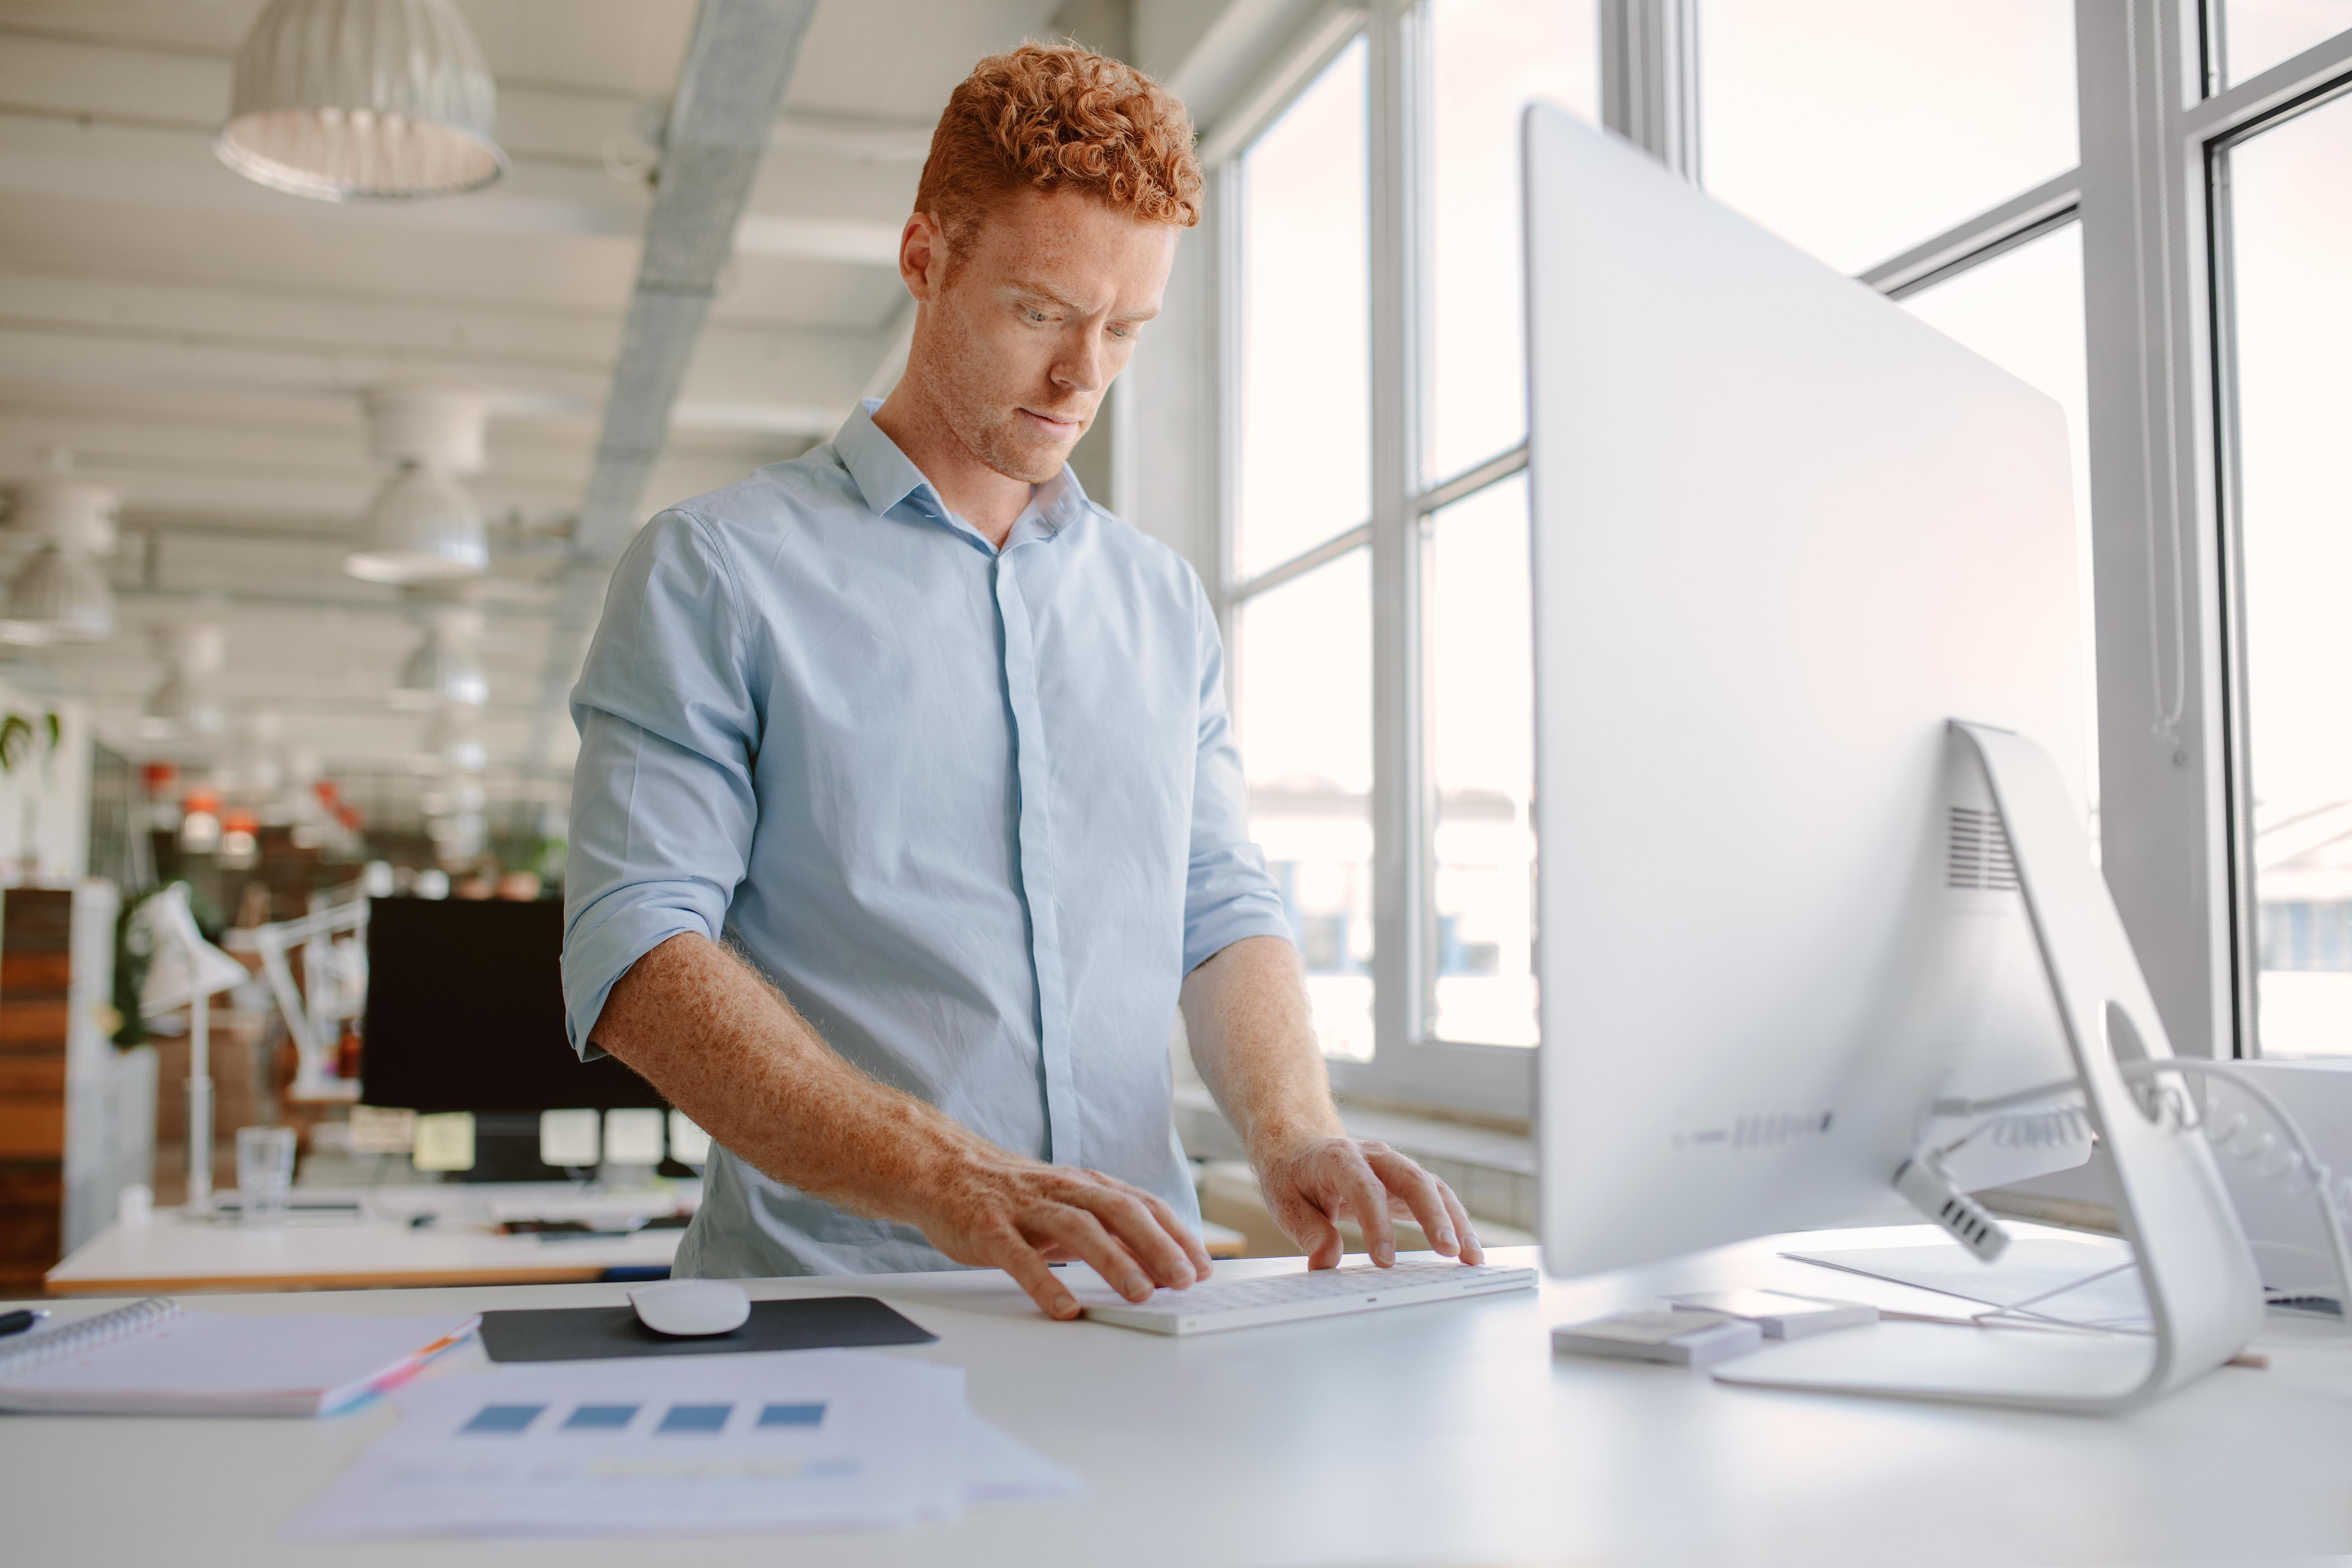 För dig som står mycket och långa perioder på jobbet rekommenderar forskarna att du regelbundet tar regelbundna pauser och stretchar.